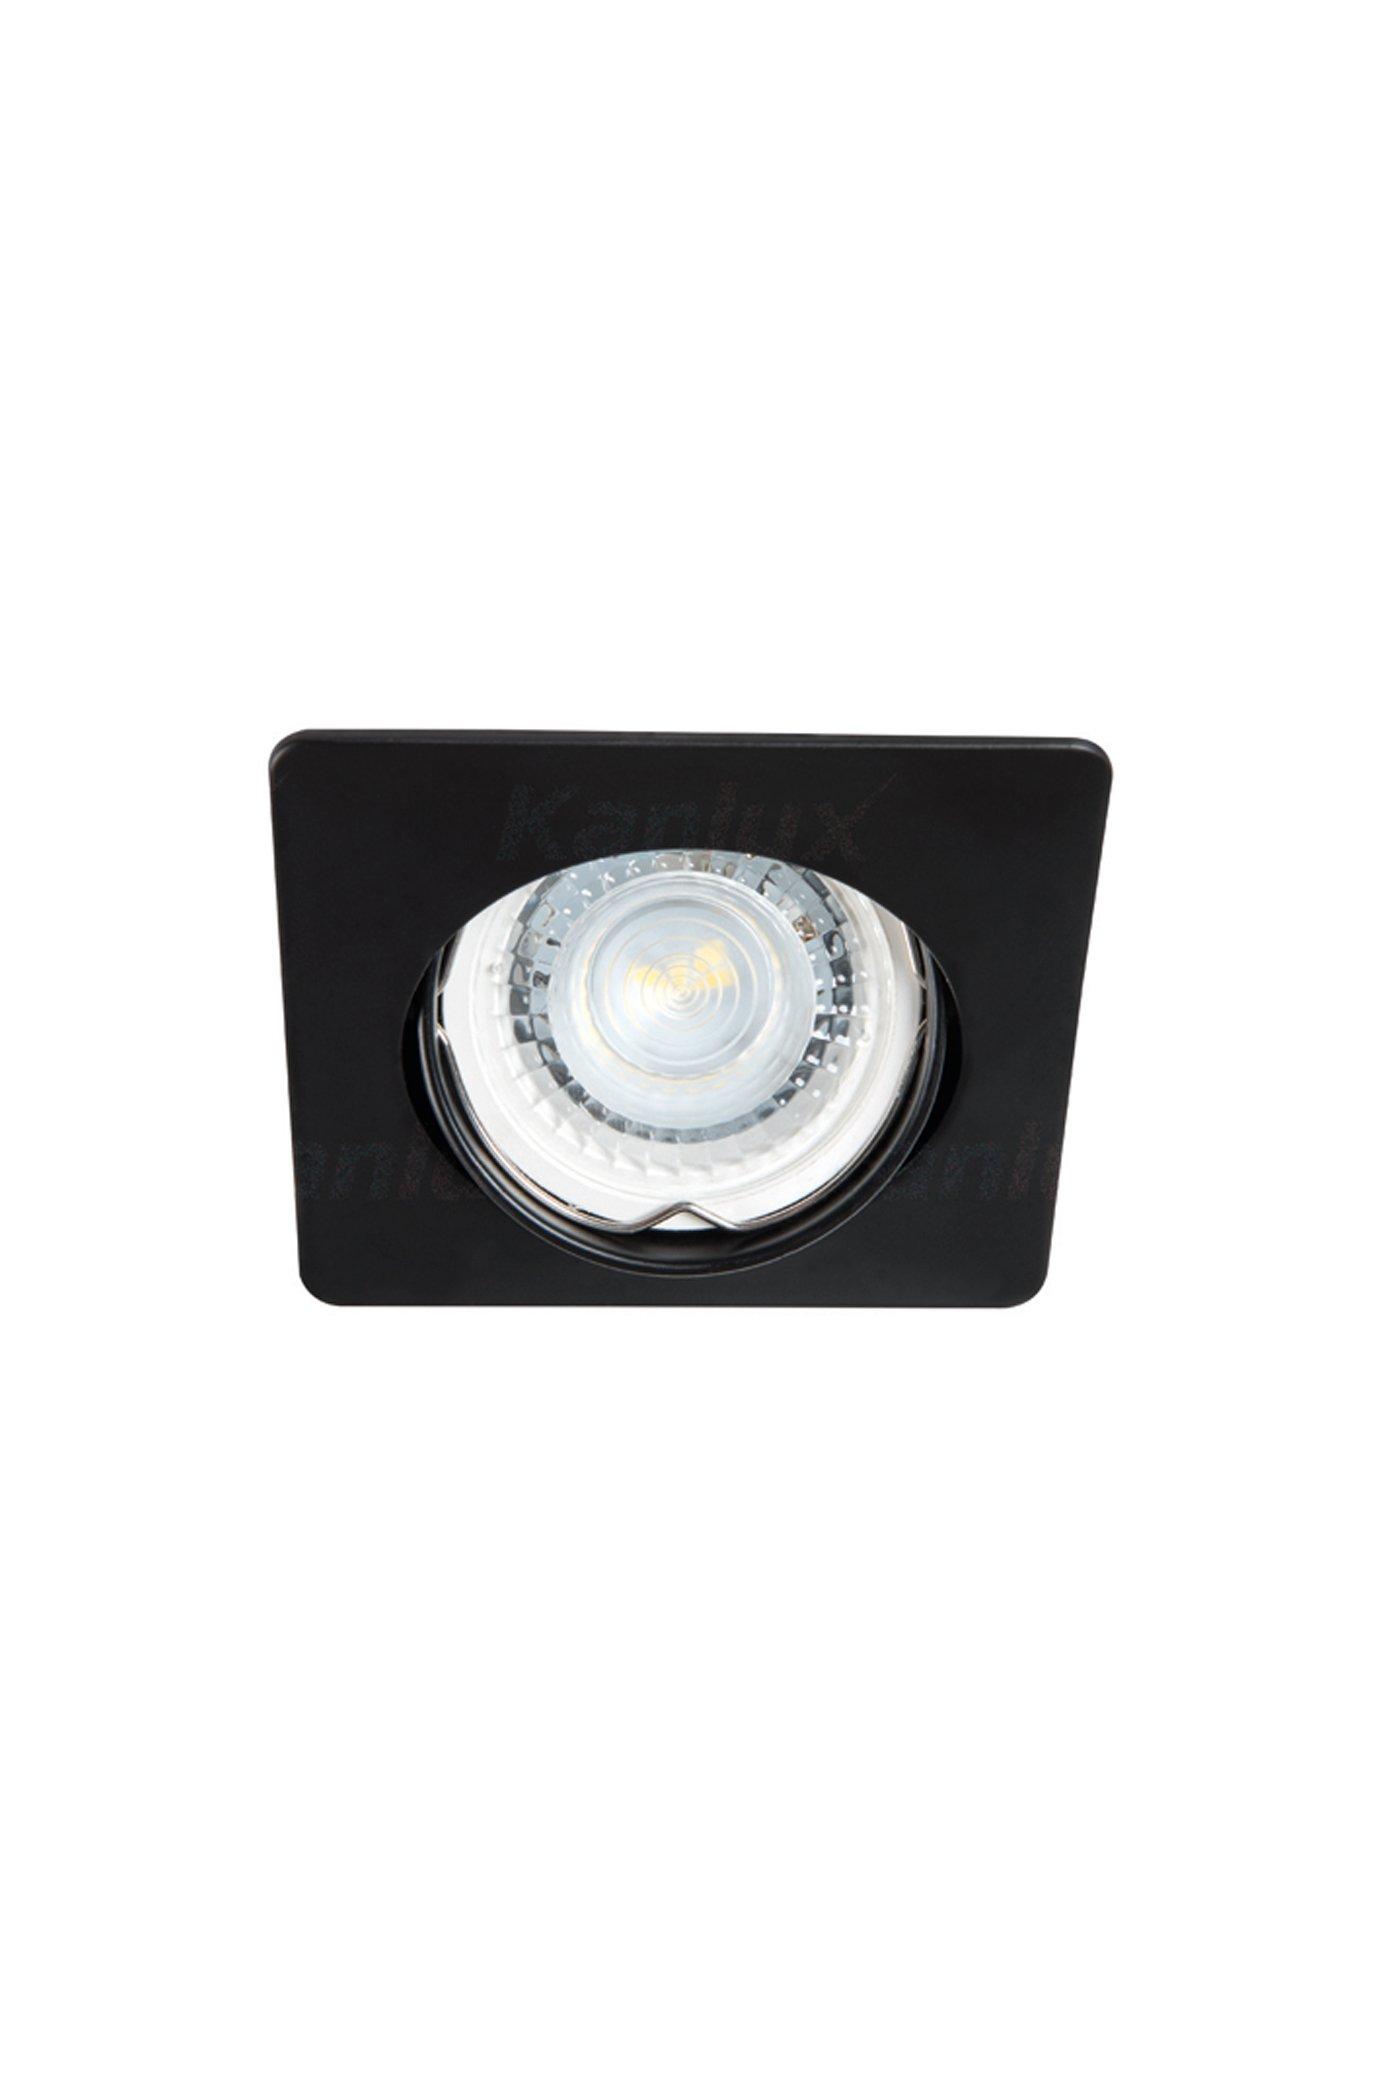 Точковий світильник KANLUX 25239